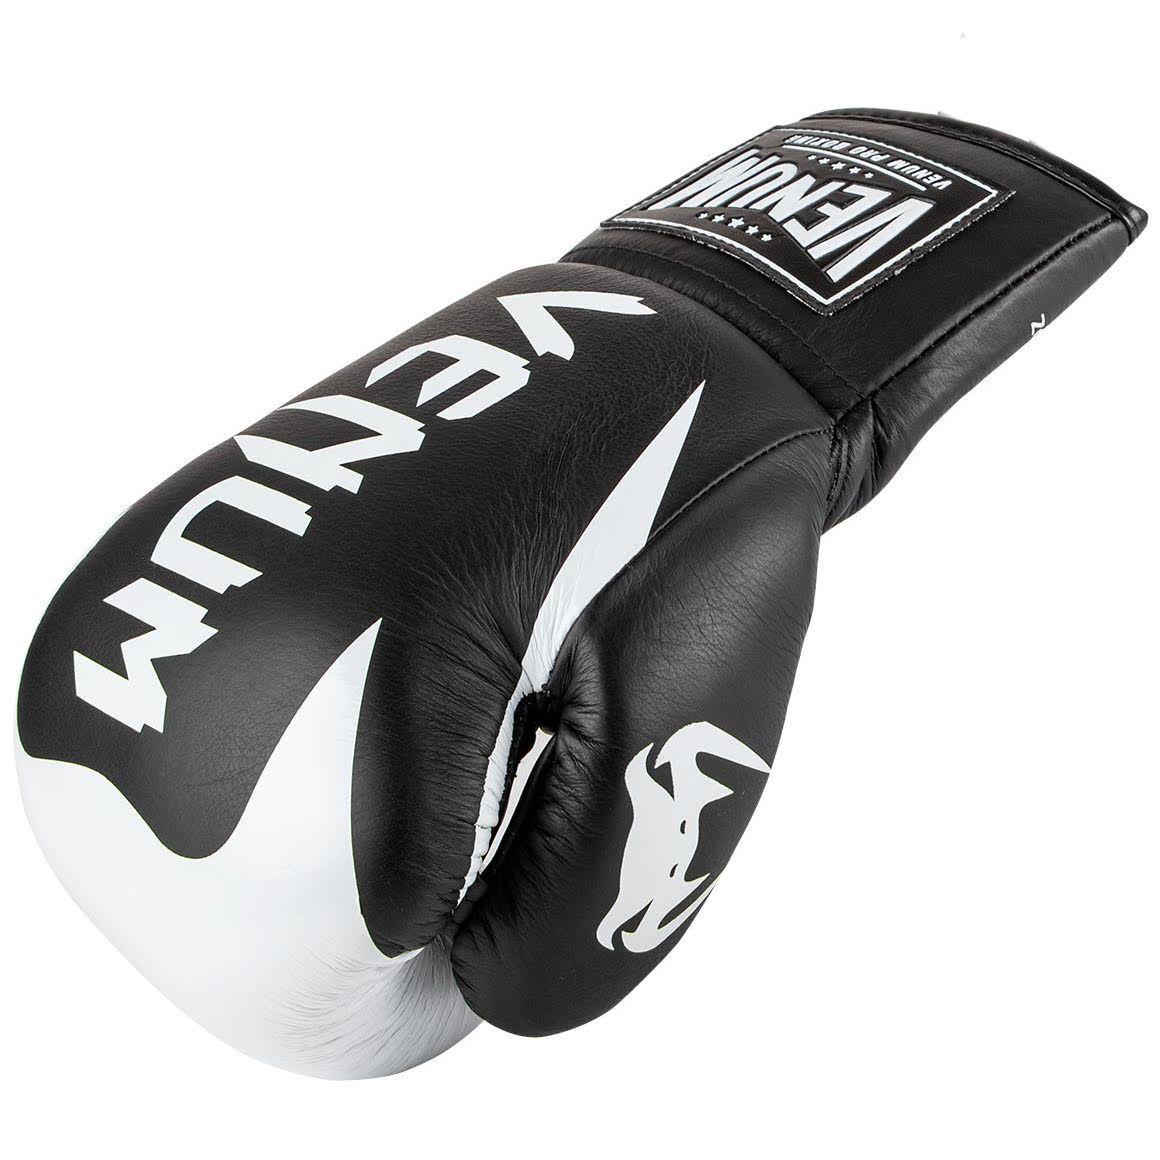 Боксерские перчатки Venum Hammer Pro - Со шнуровкой - Черный/Белый - Black/White